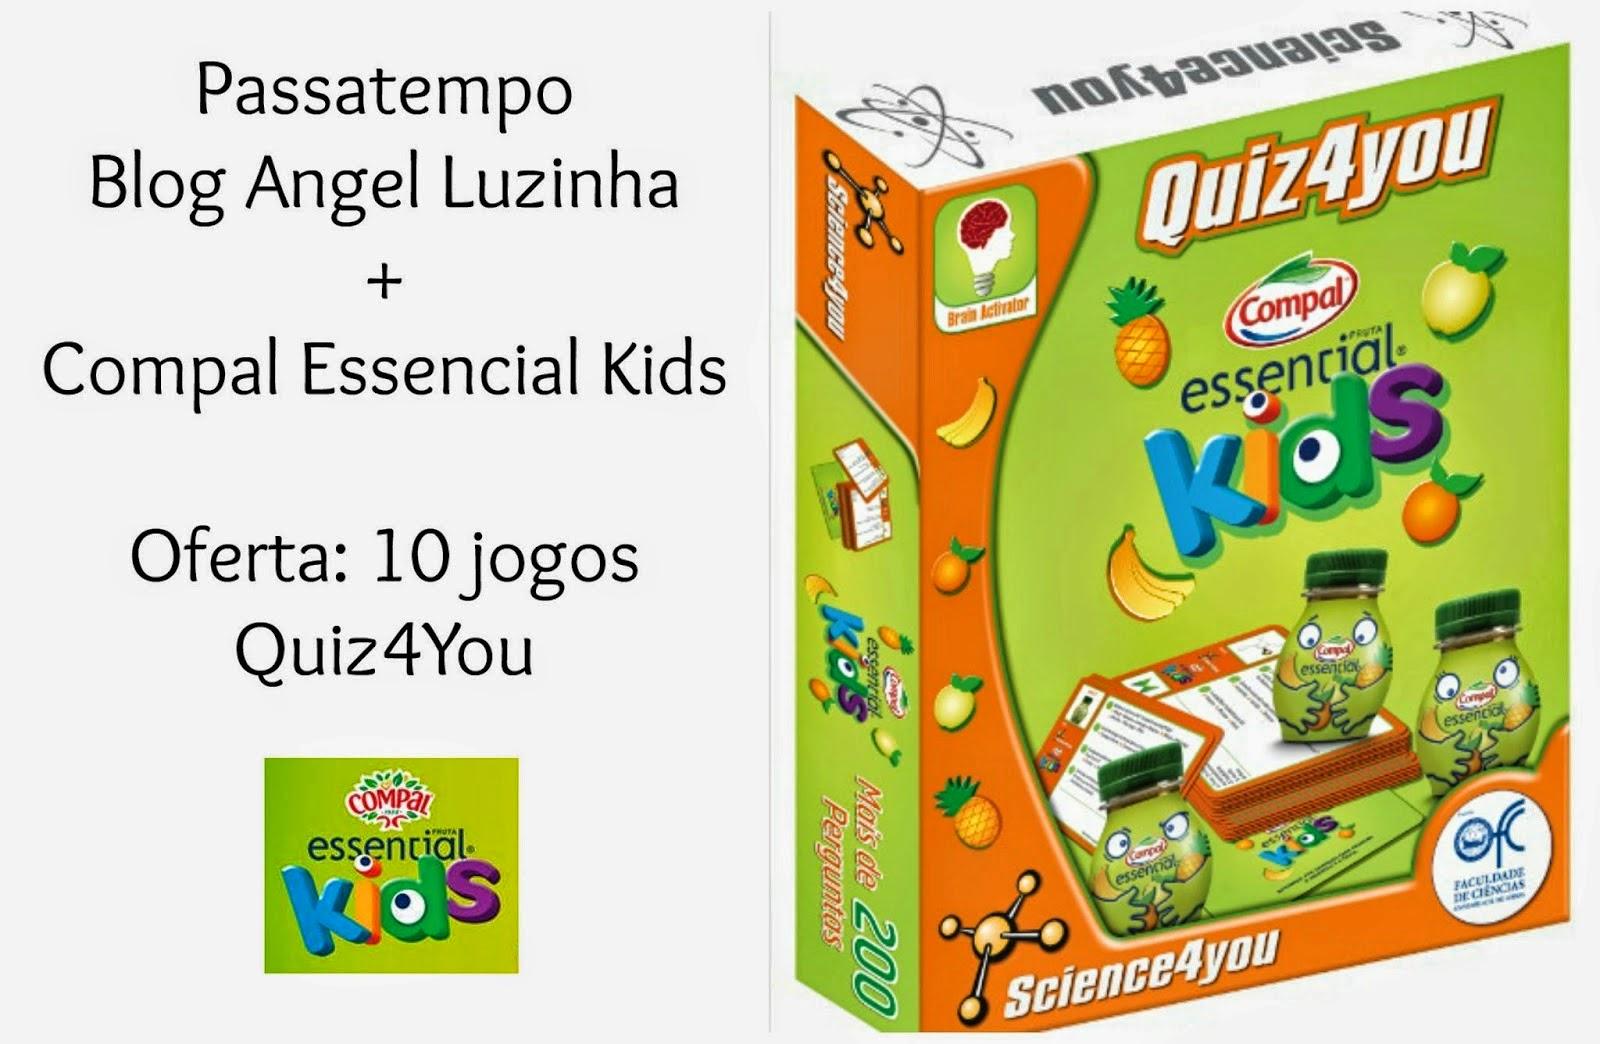 http://www.angel-luzinha.com/2014/09/passatempo-compal-essencial-kids.html